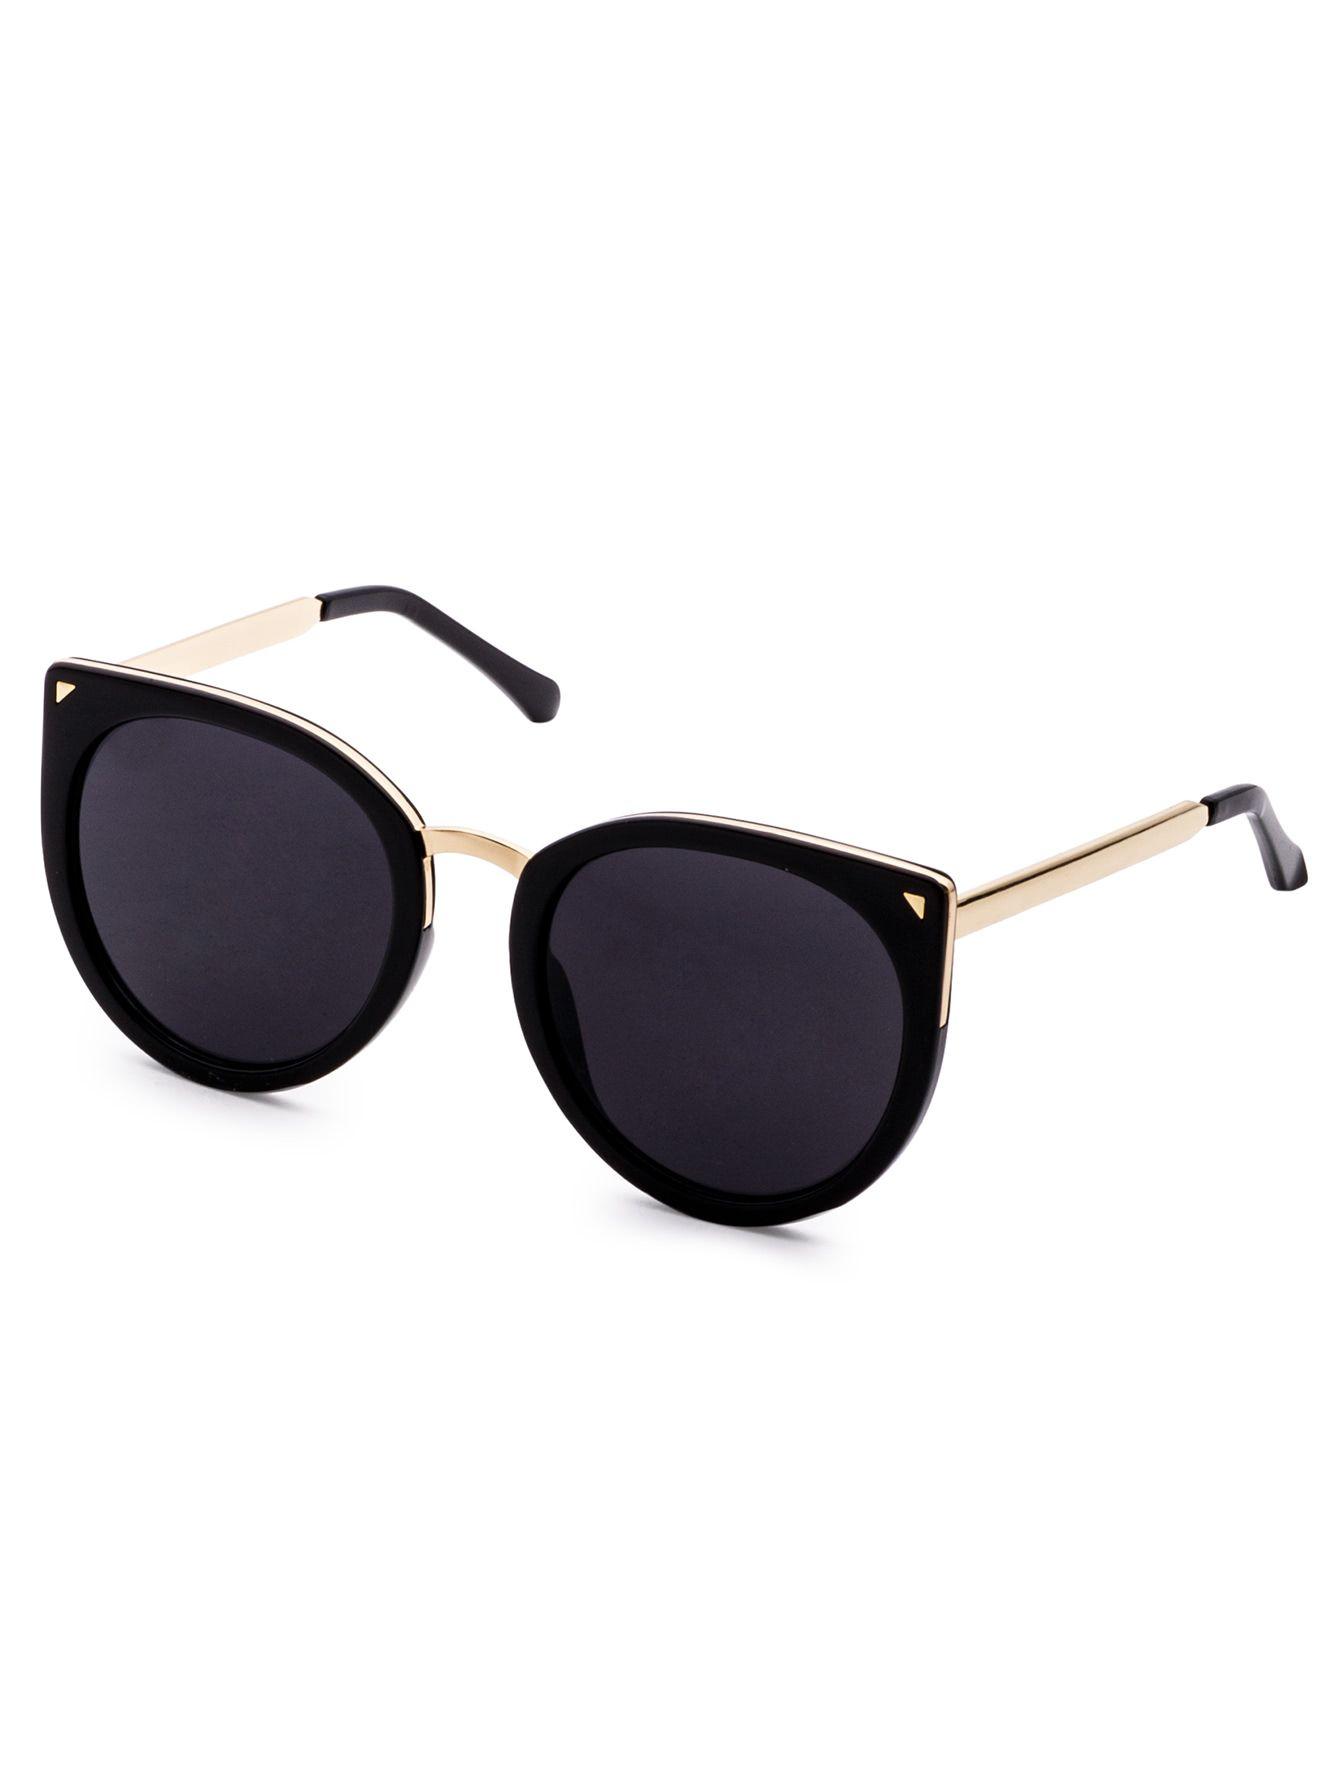 88f62ab732 Gafas de sol estilo ojos de gato y ribete metálico - negro -Spanish  SheIn(Sheinside)